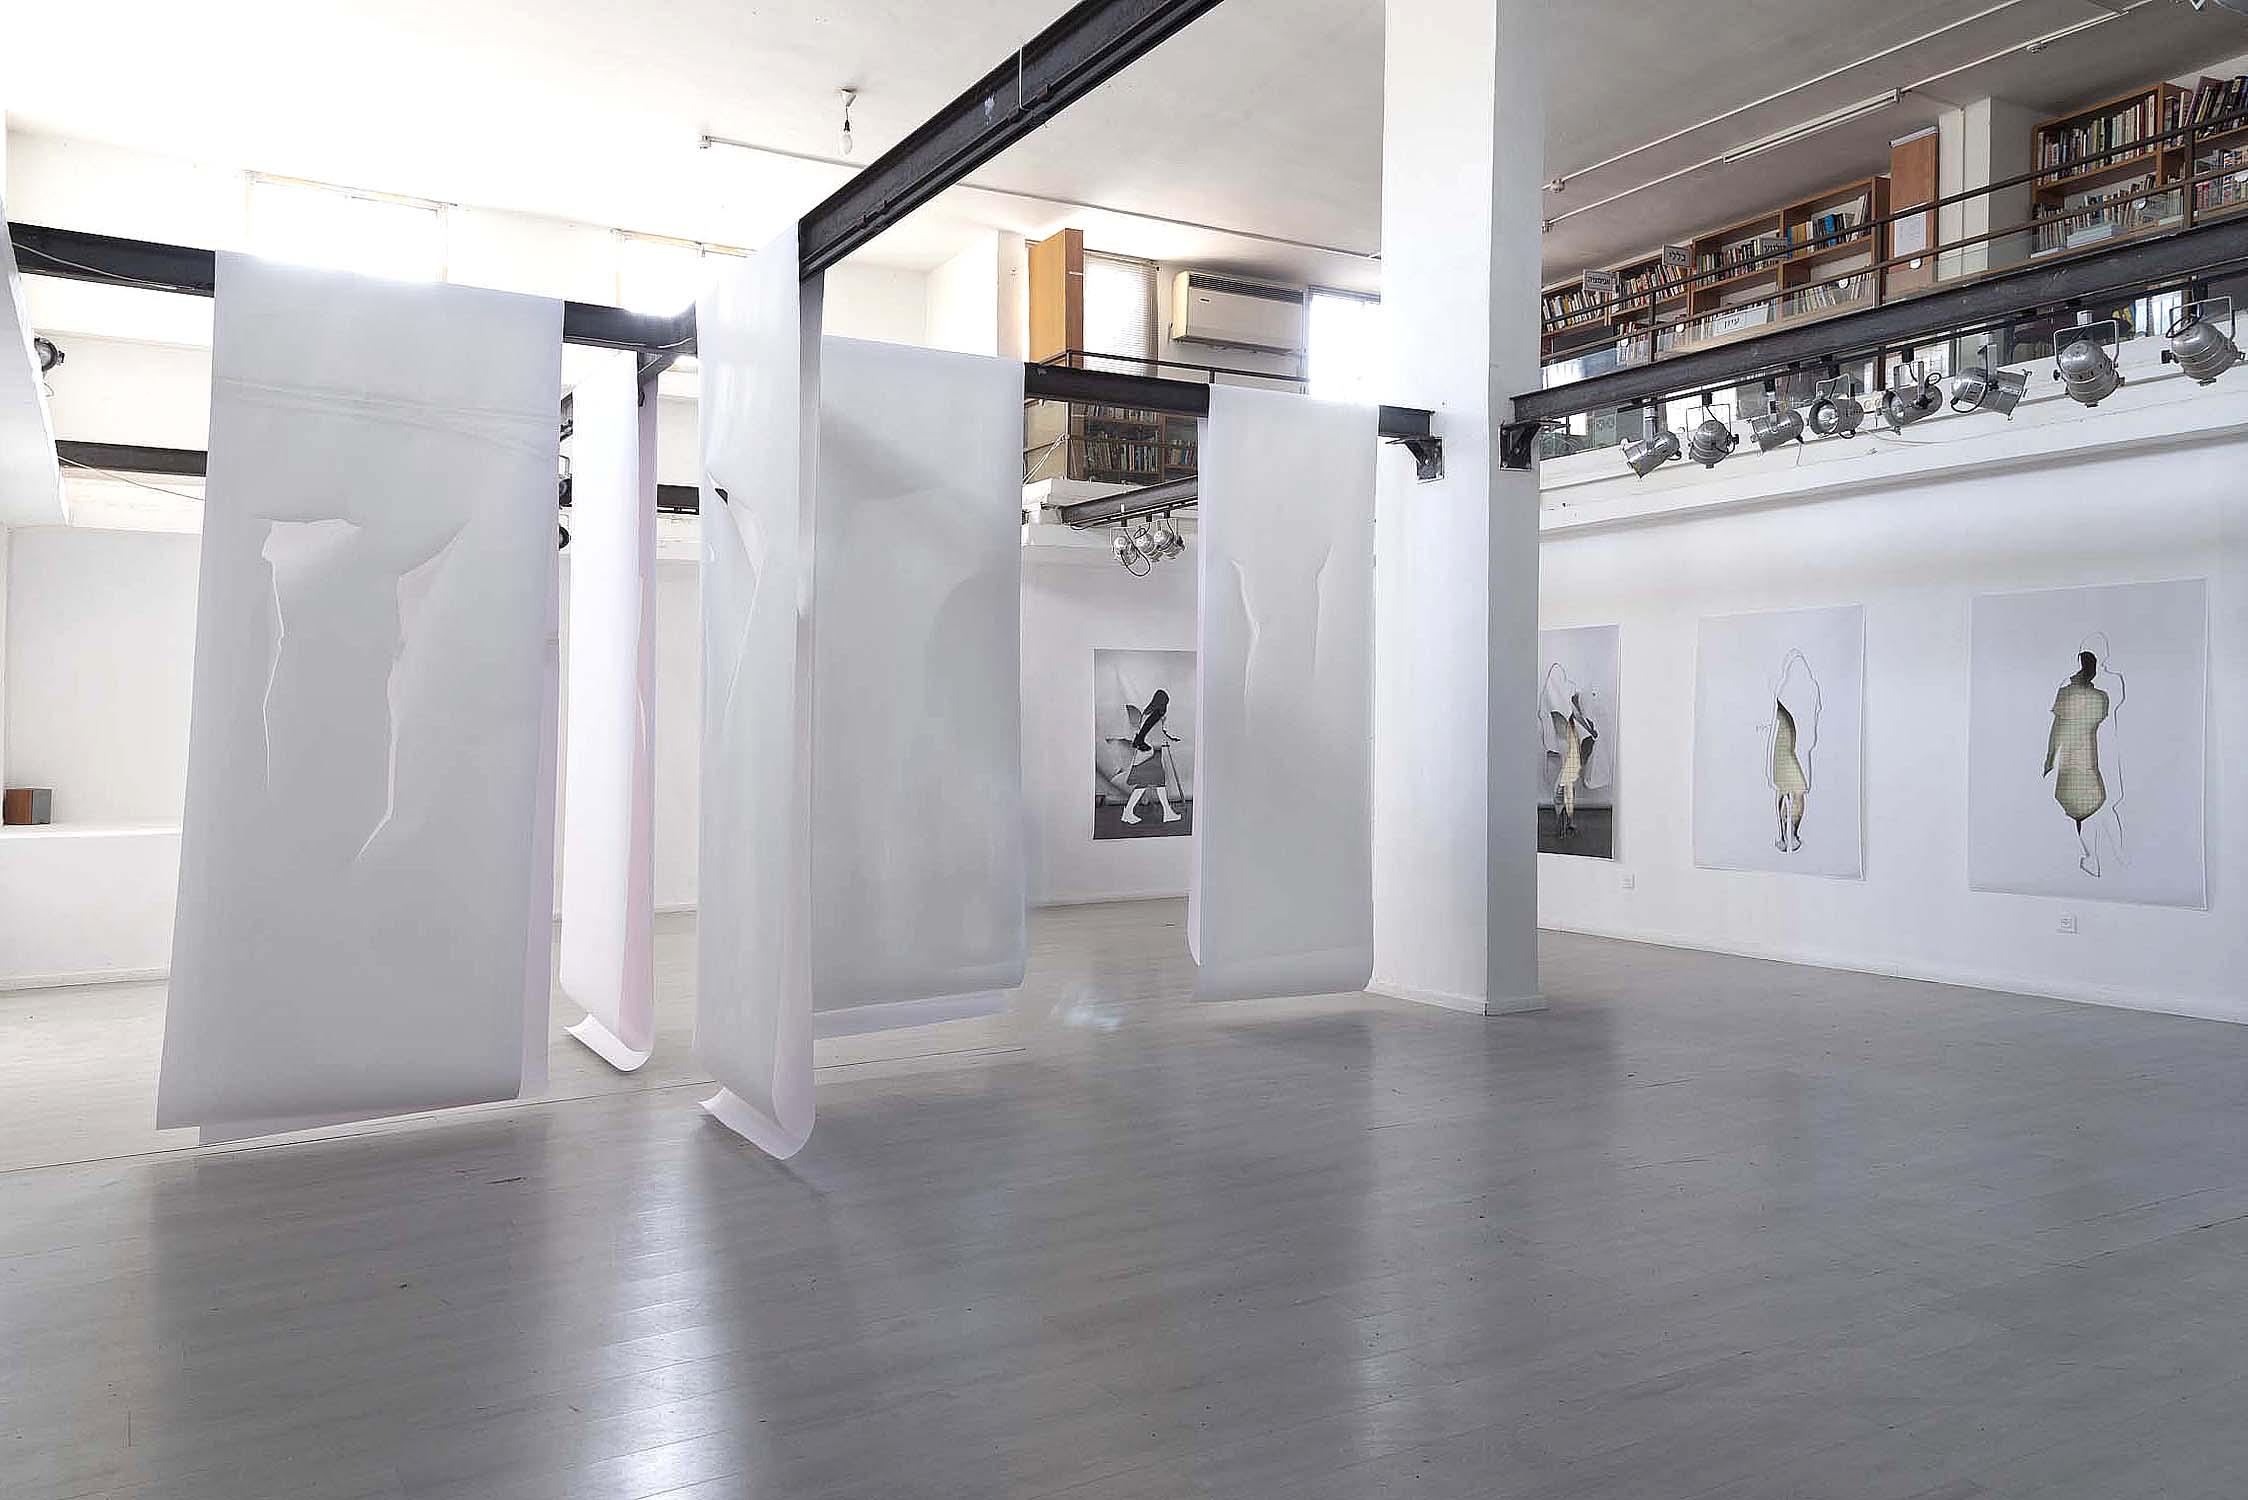 zusammen.project_minshar gallery ex view 4_ foto credit_avi chai